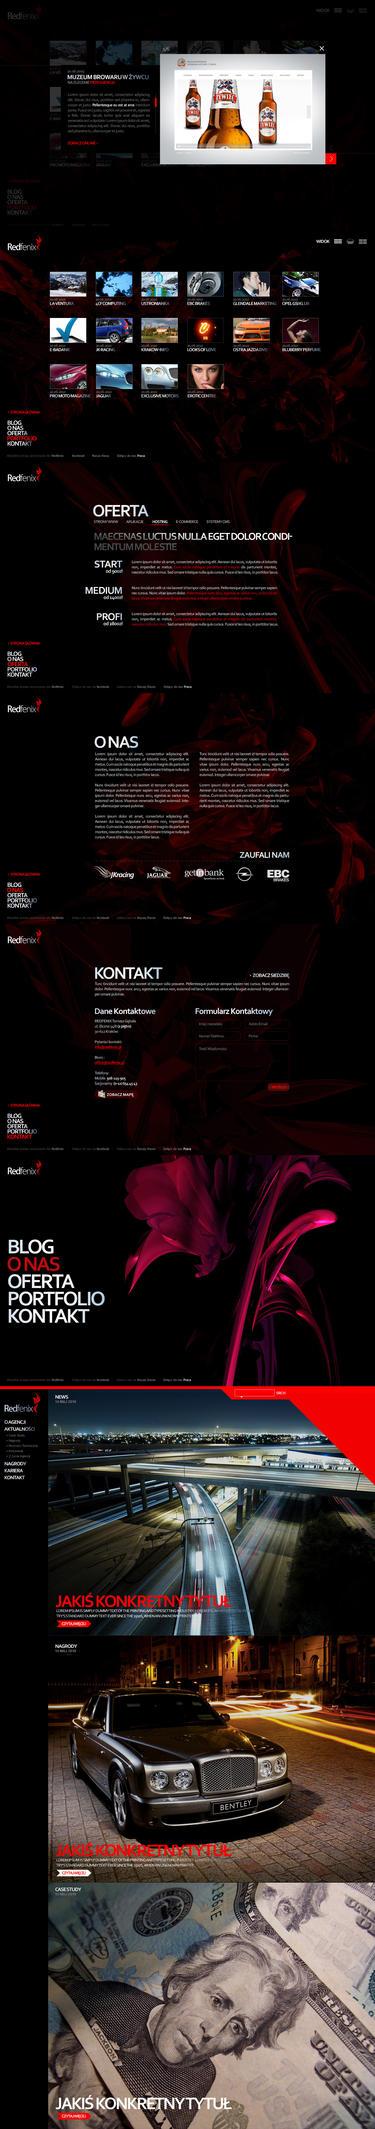 Redfenix - Interactive Agency by gebalatomasz